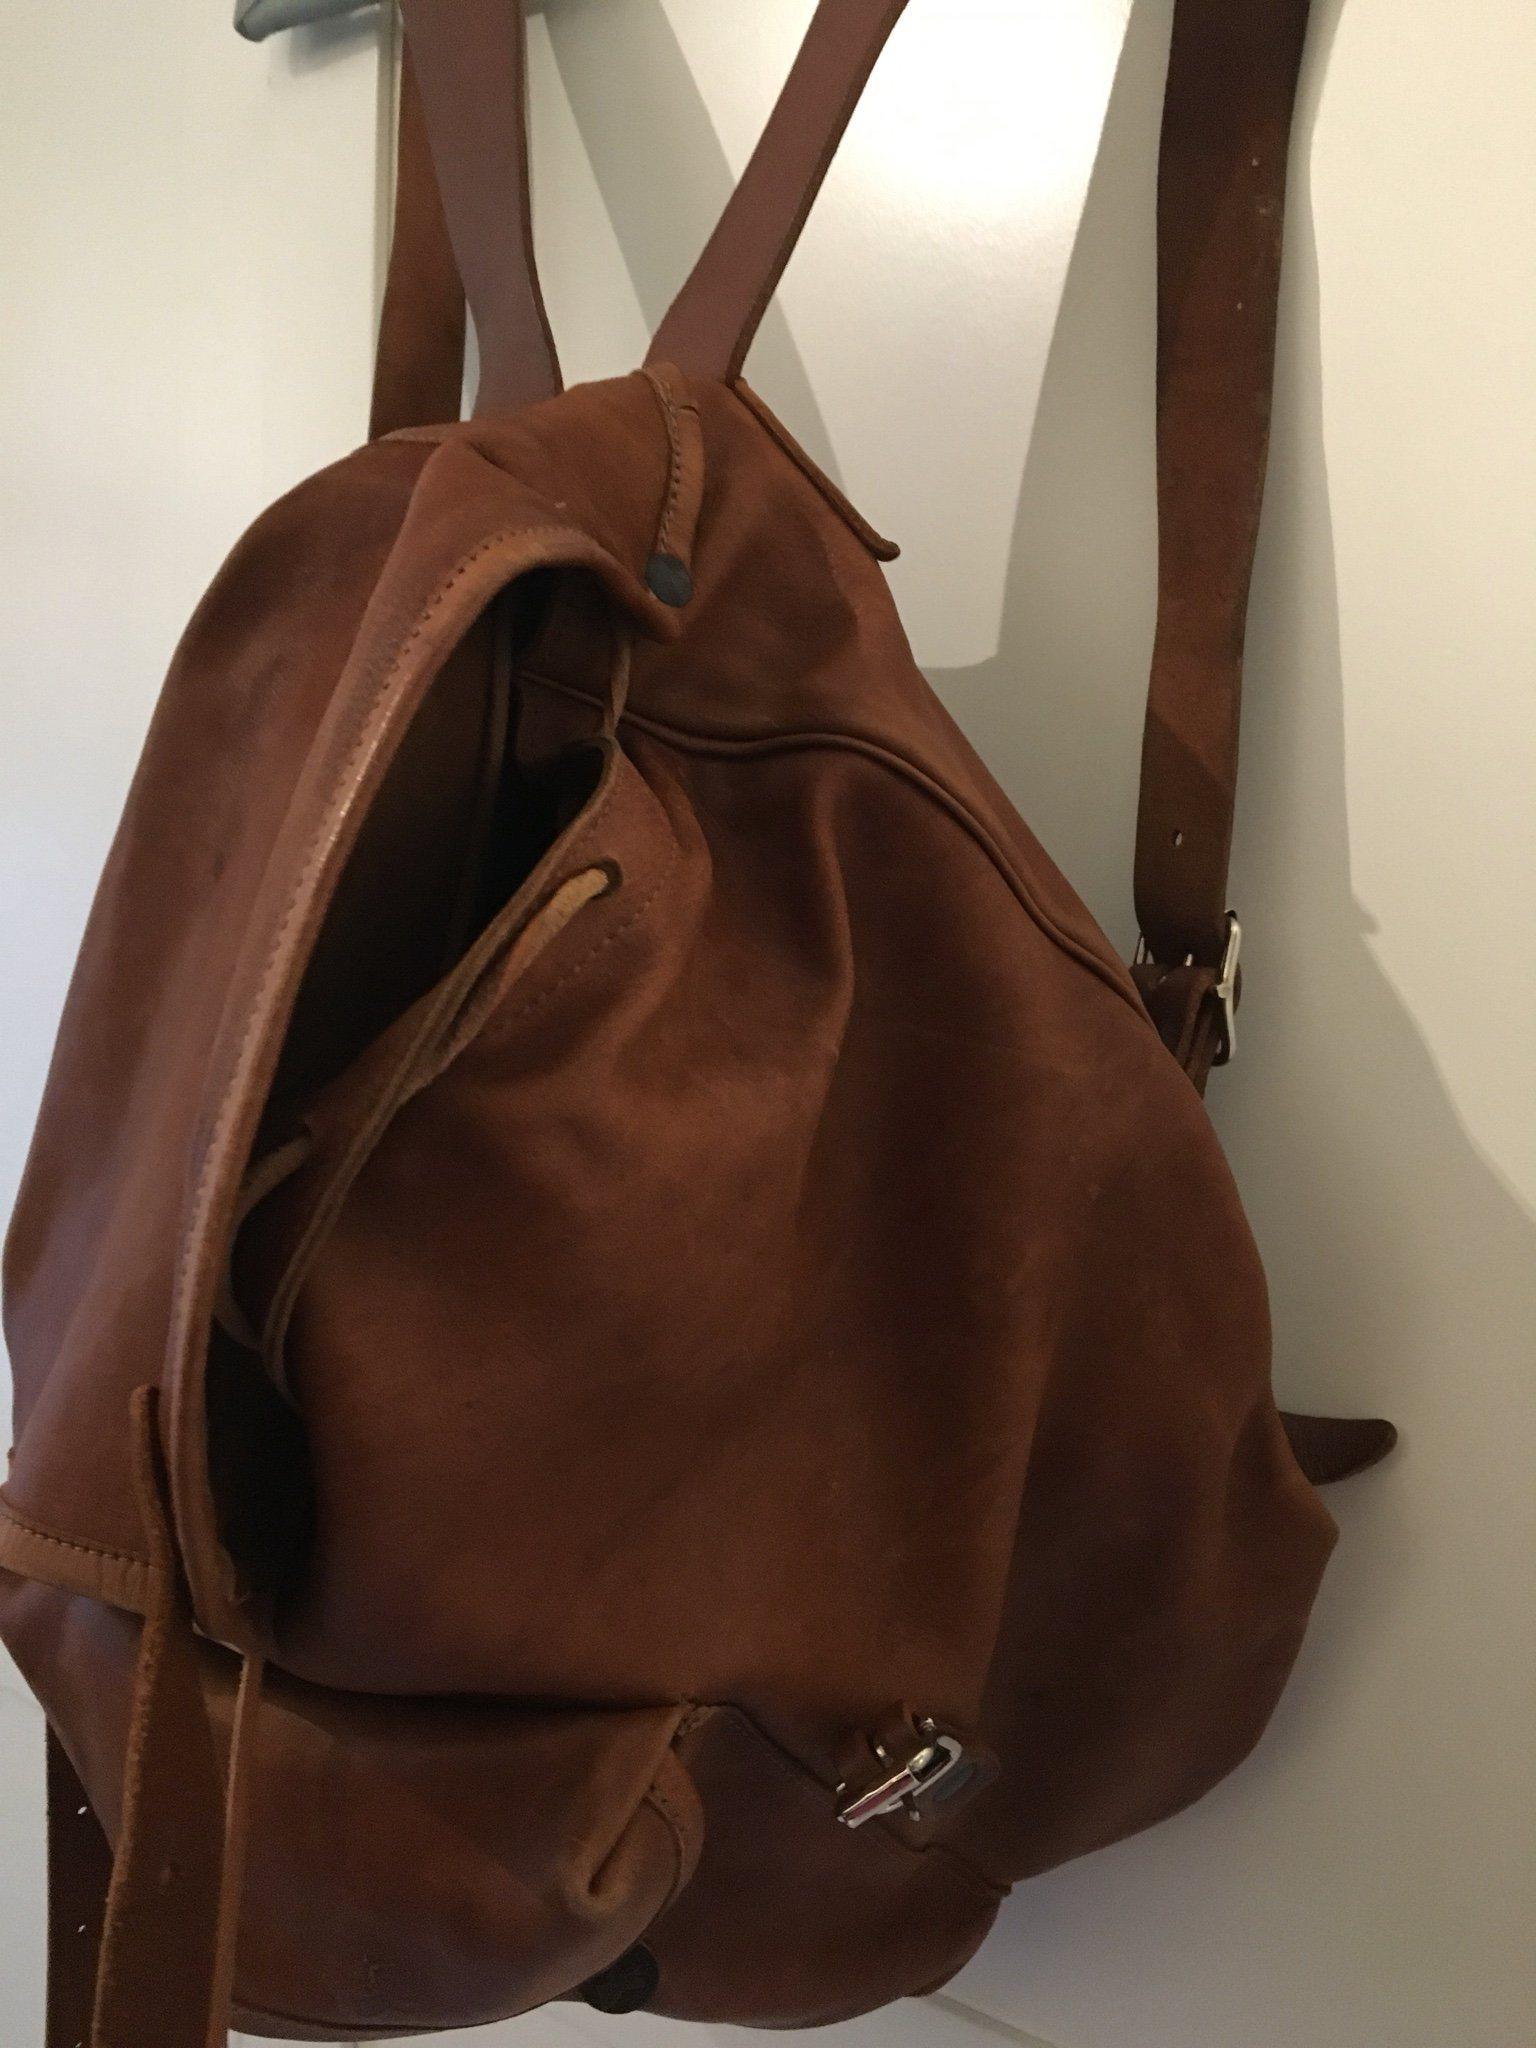 Underbar retro vintage skinn (ren) ryggsäck (342061031) ᐈ Köp på ... abfcac1cc64f7